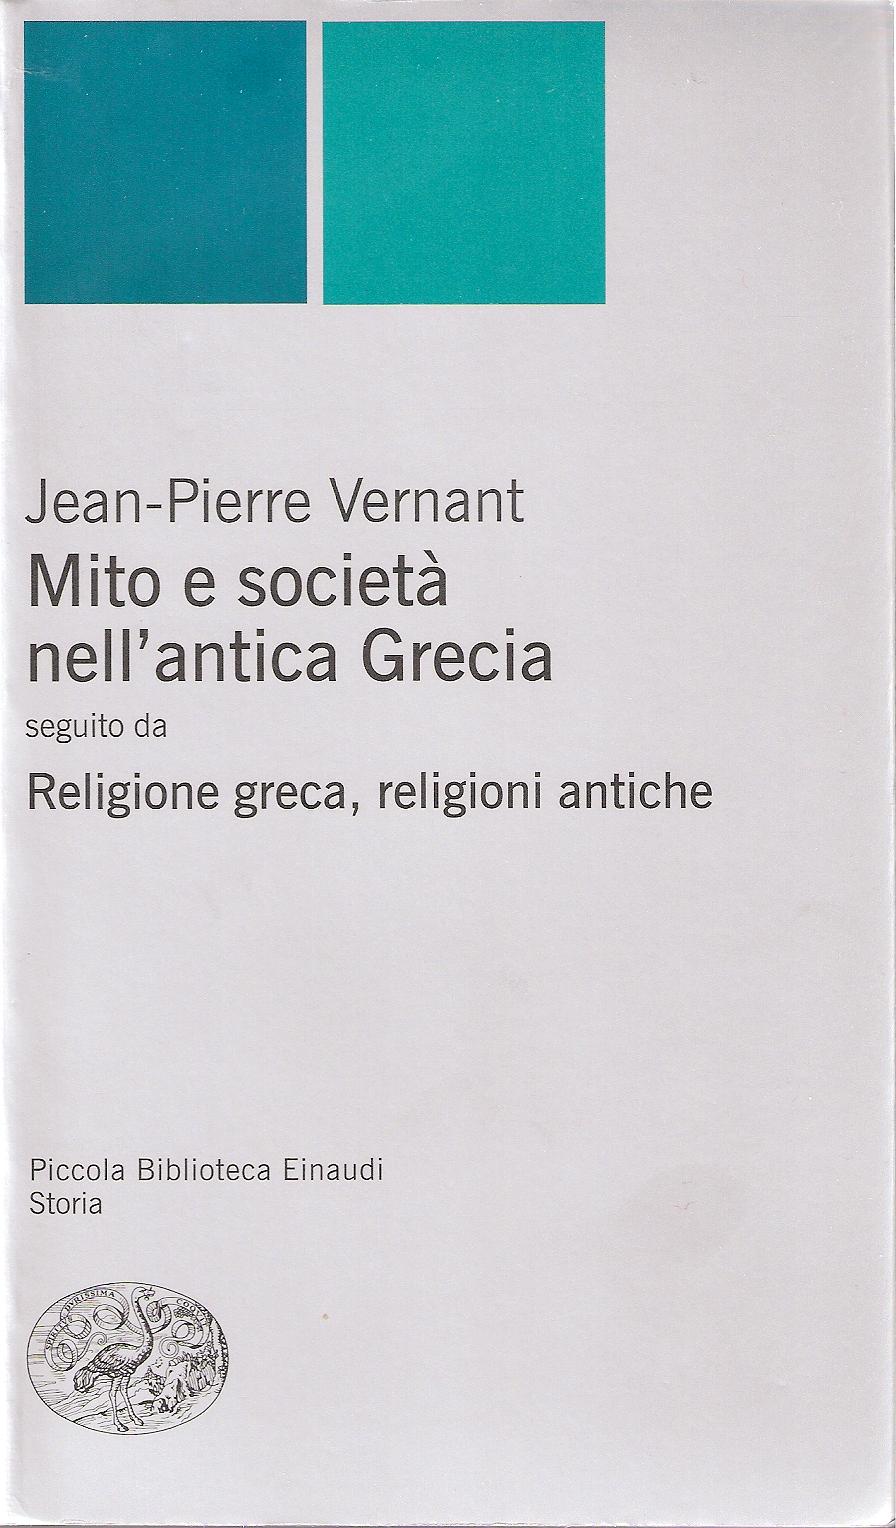 Mito e società nell'antica GreciaReligione greca, religioni antiche